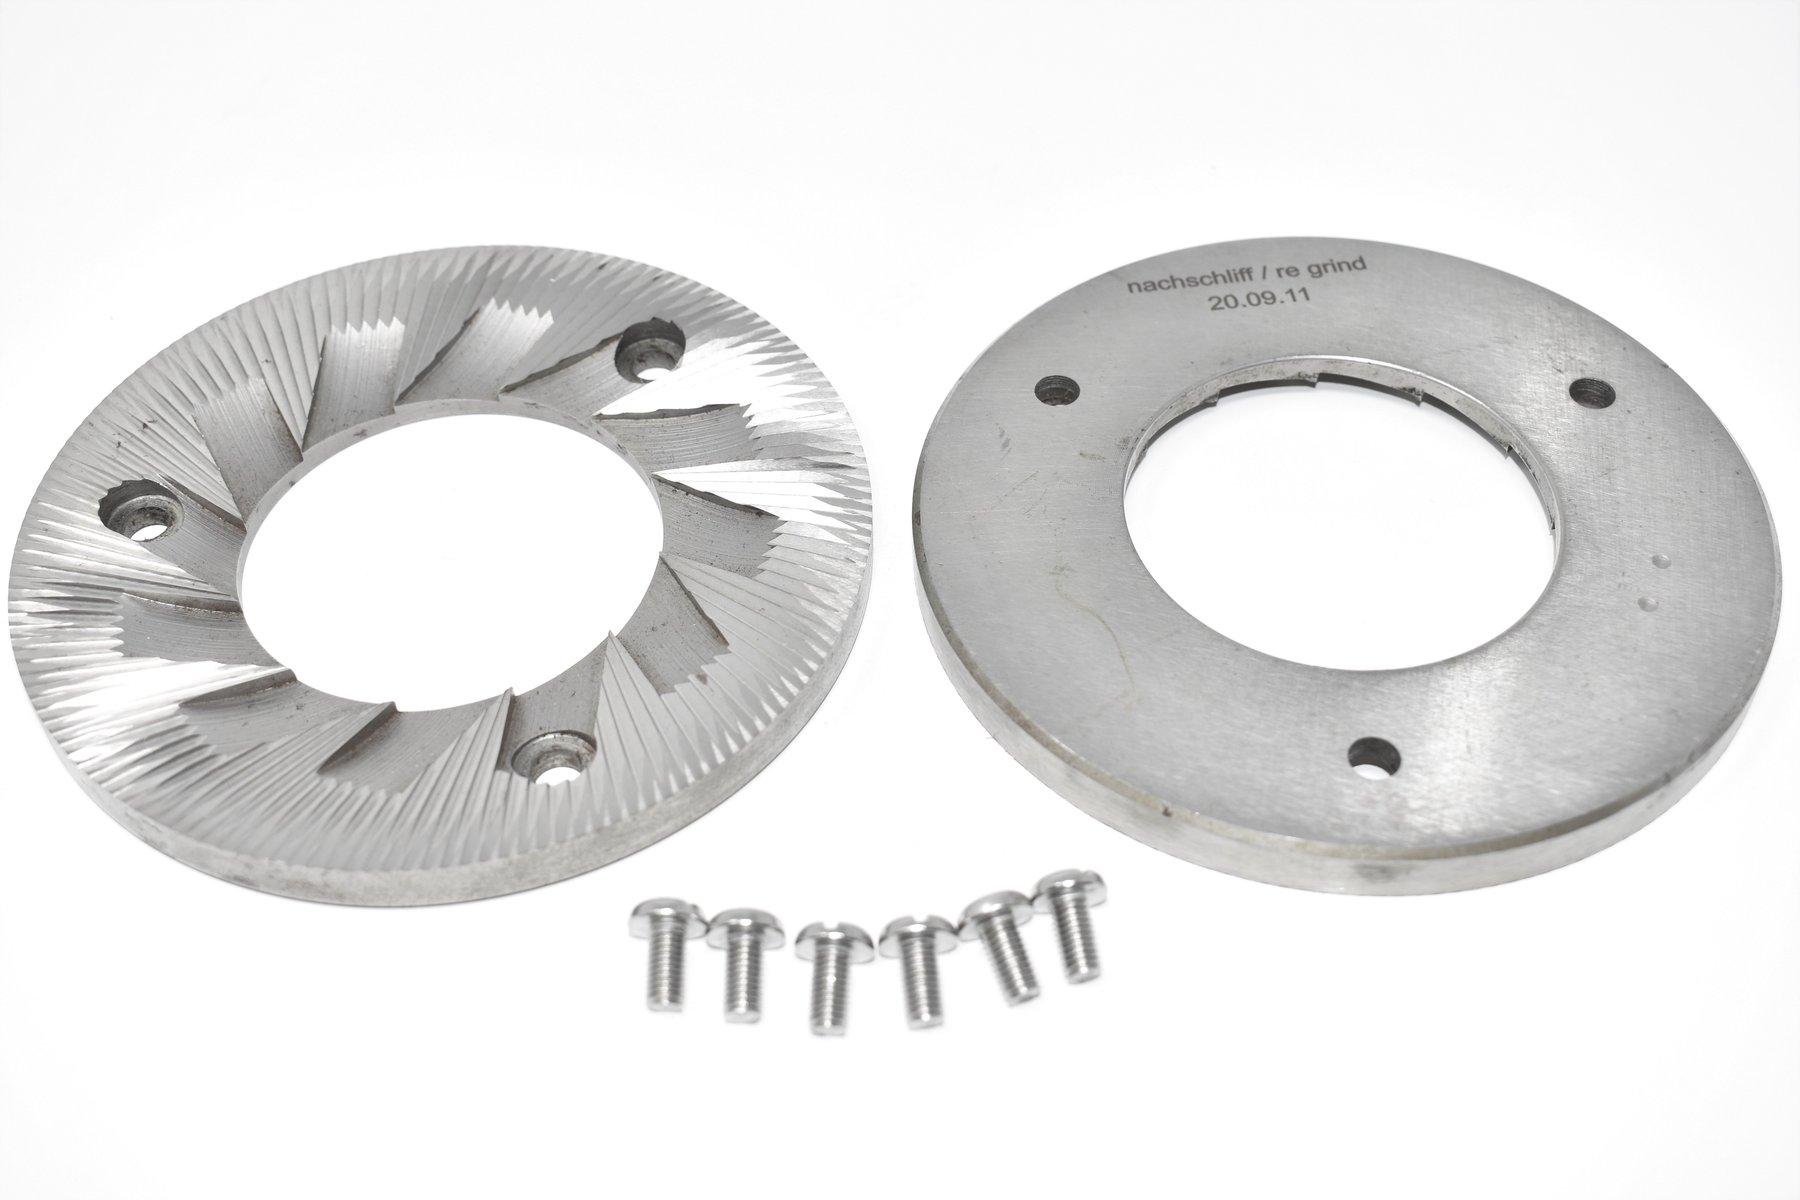 Meules VTA 6S Mahlkönig en acier pour la série VTA | DM Tech